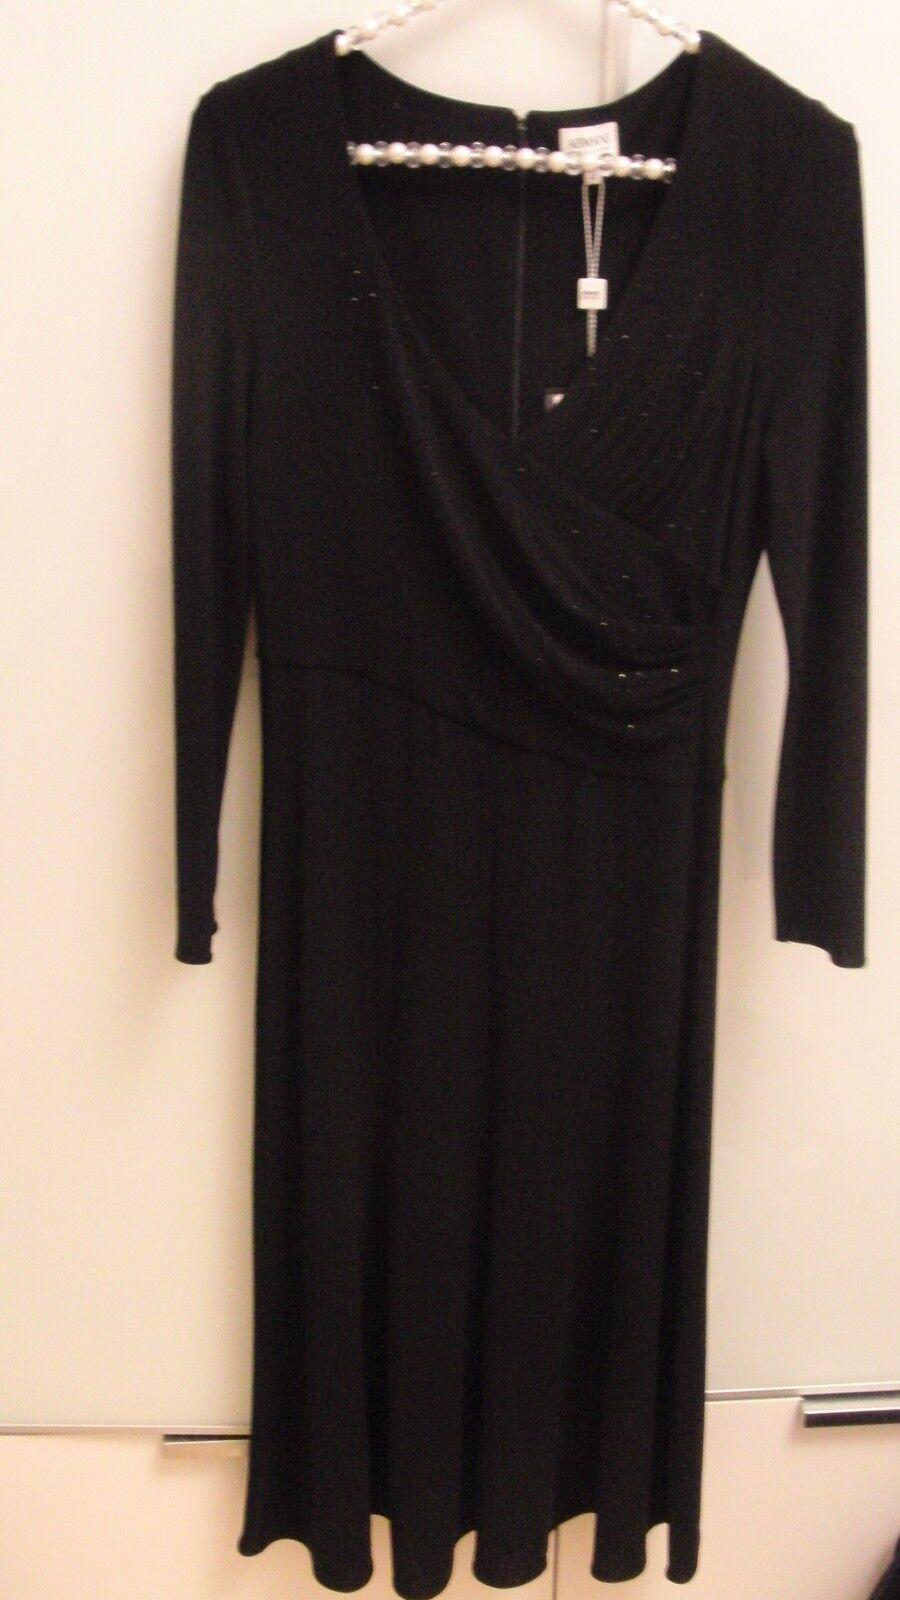 Armani Kleid, schwarz,  I 42